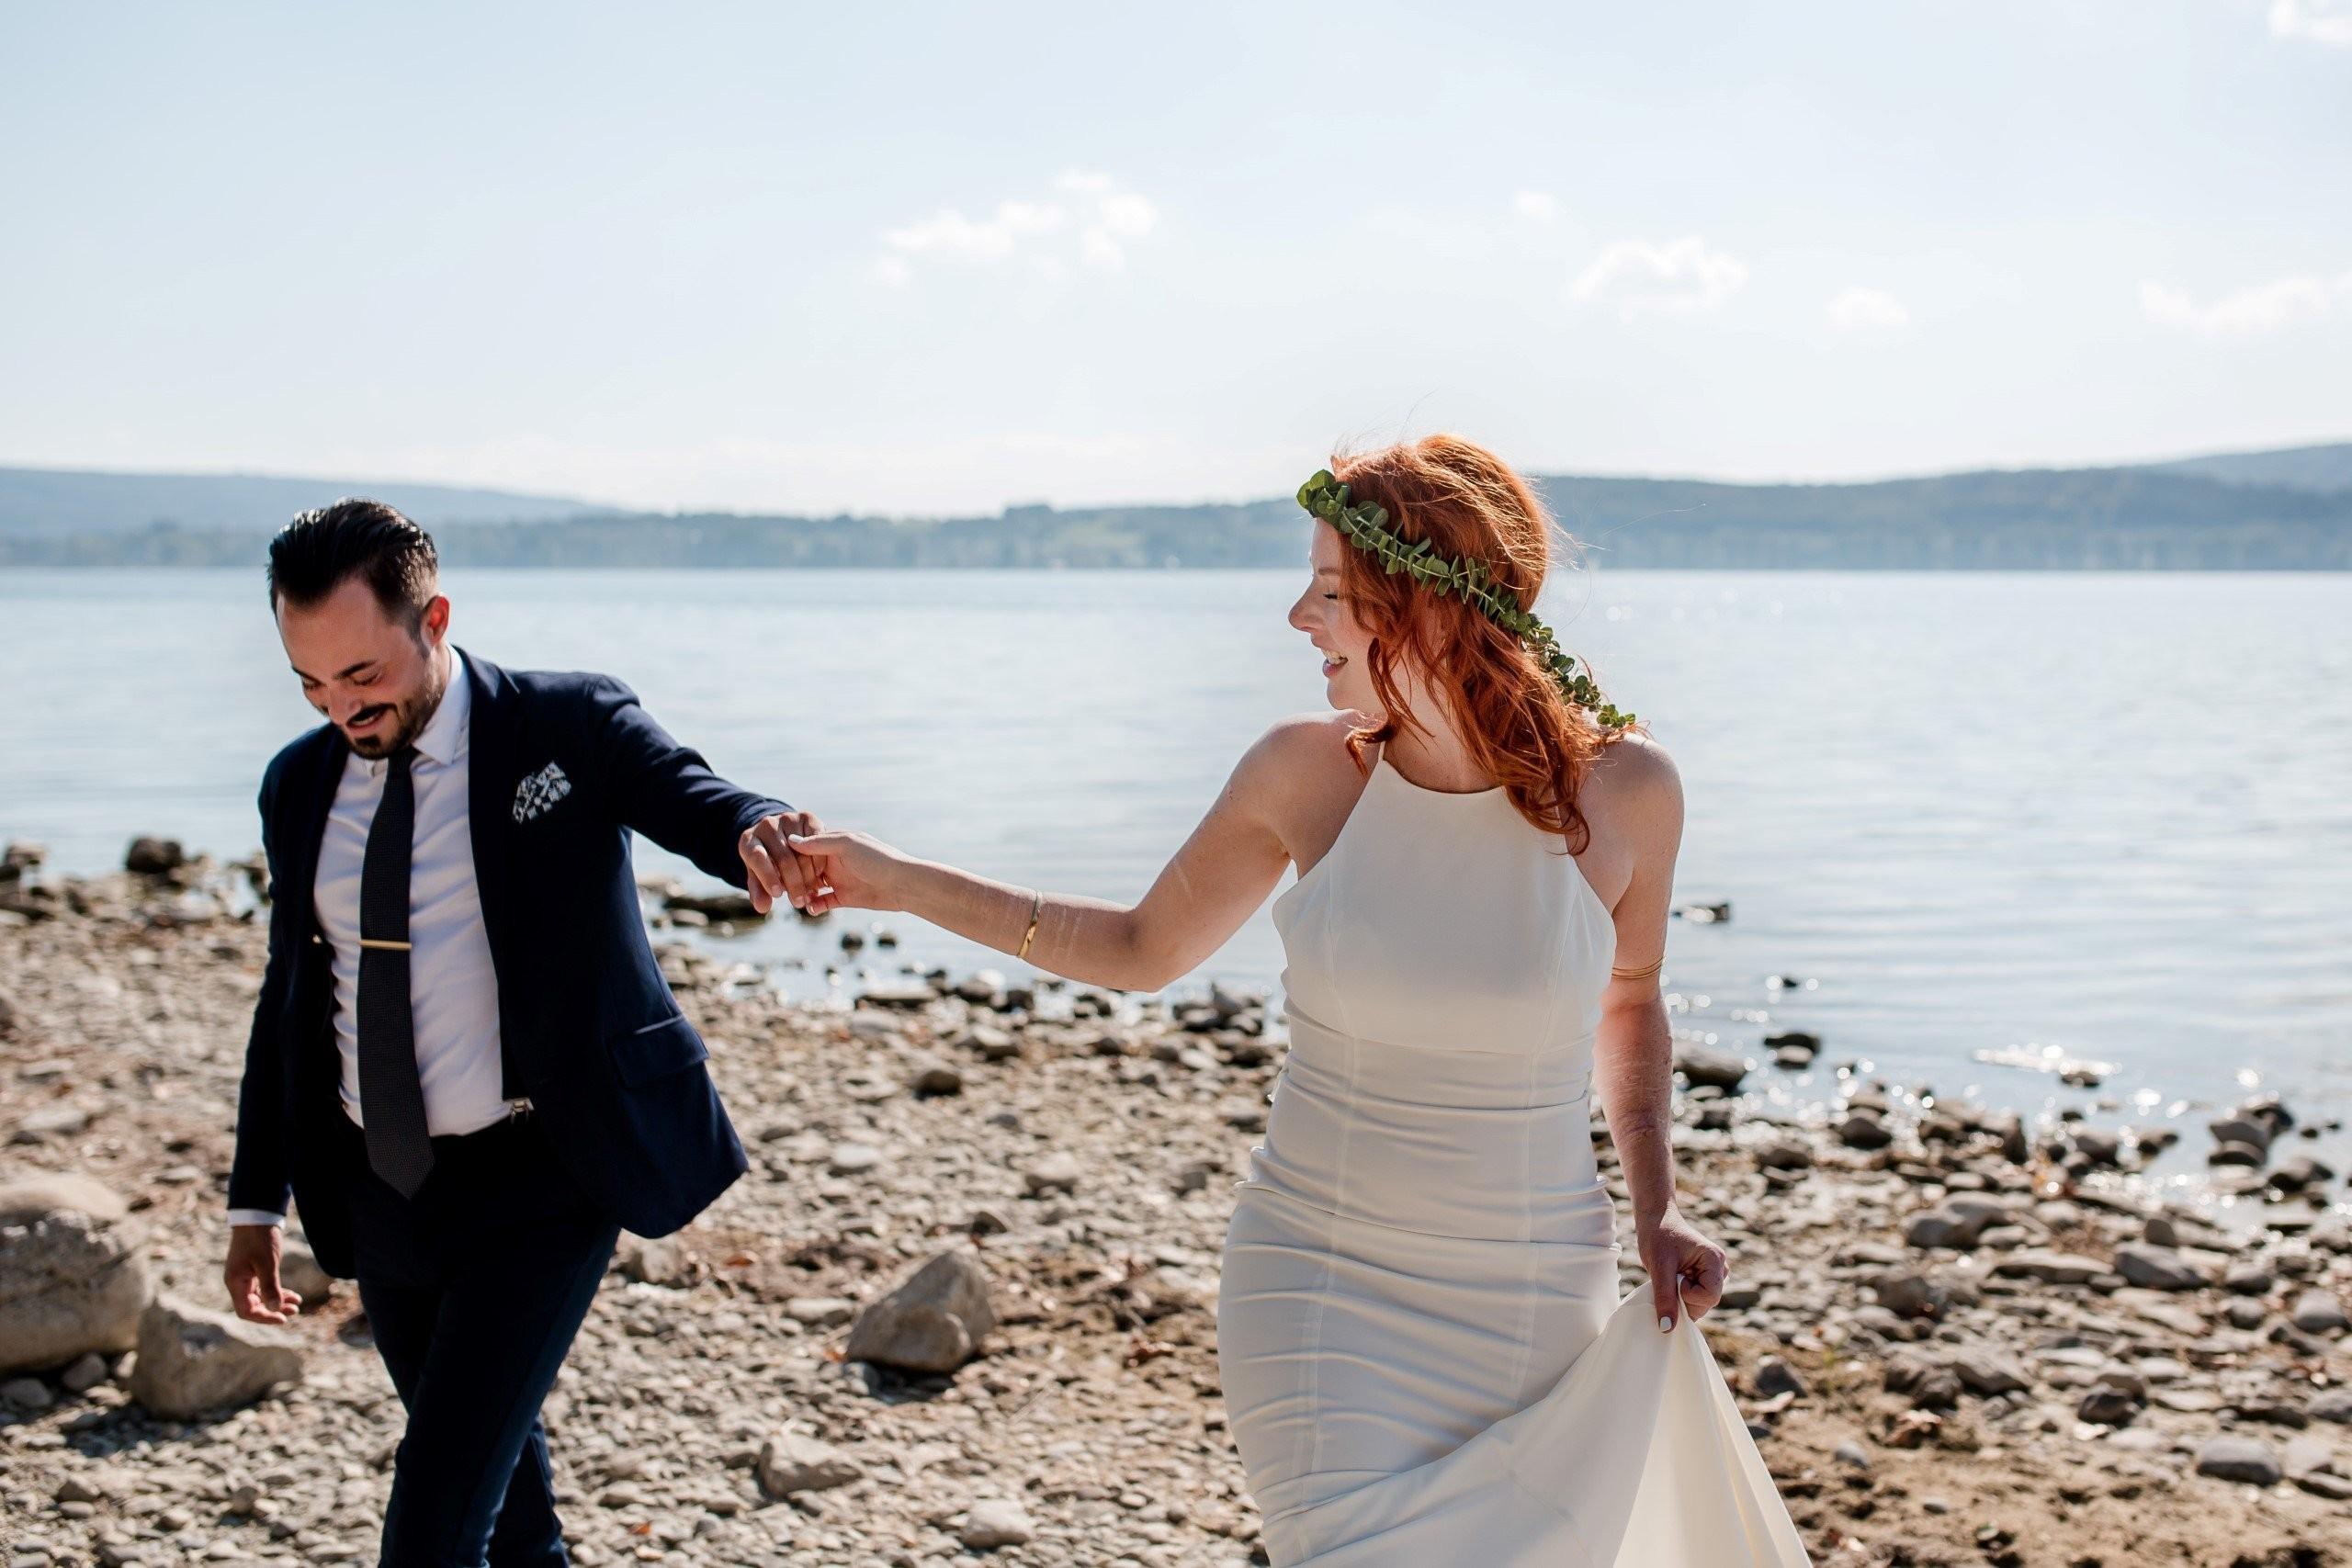 Aida + Tim | Hochzeitsfotografen am Bodensee Hochzeit am See in Deutschland  - Hochzeitsfotografie von Aida und Tim